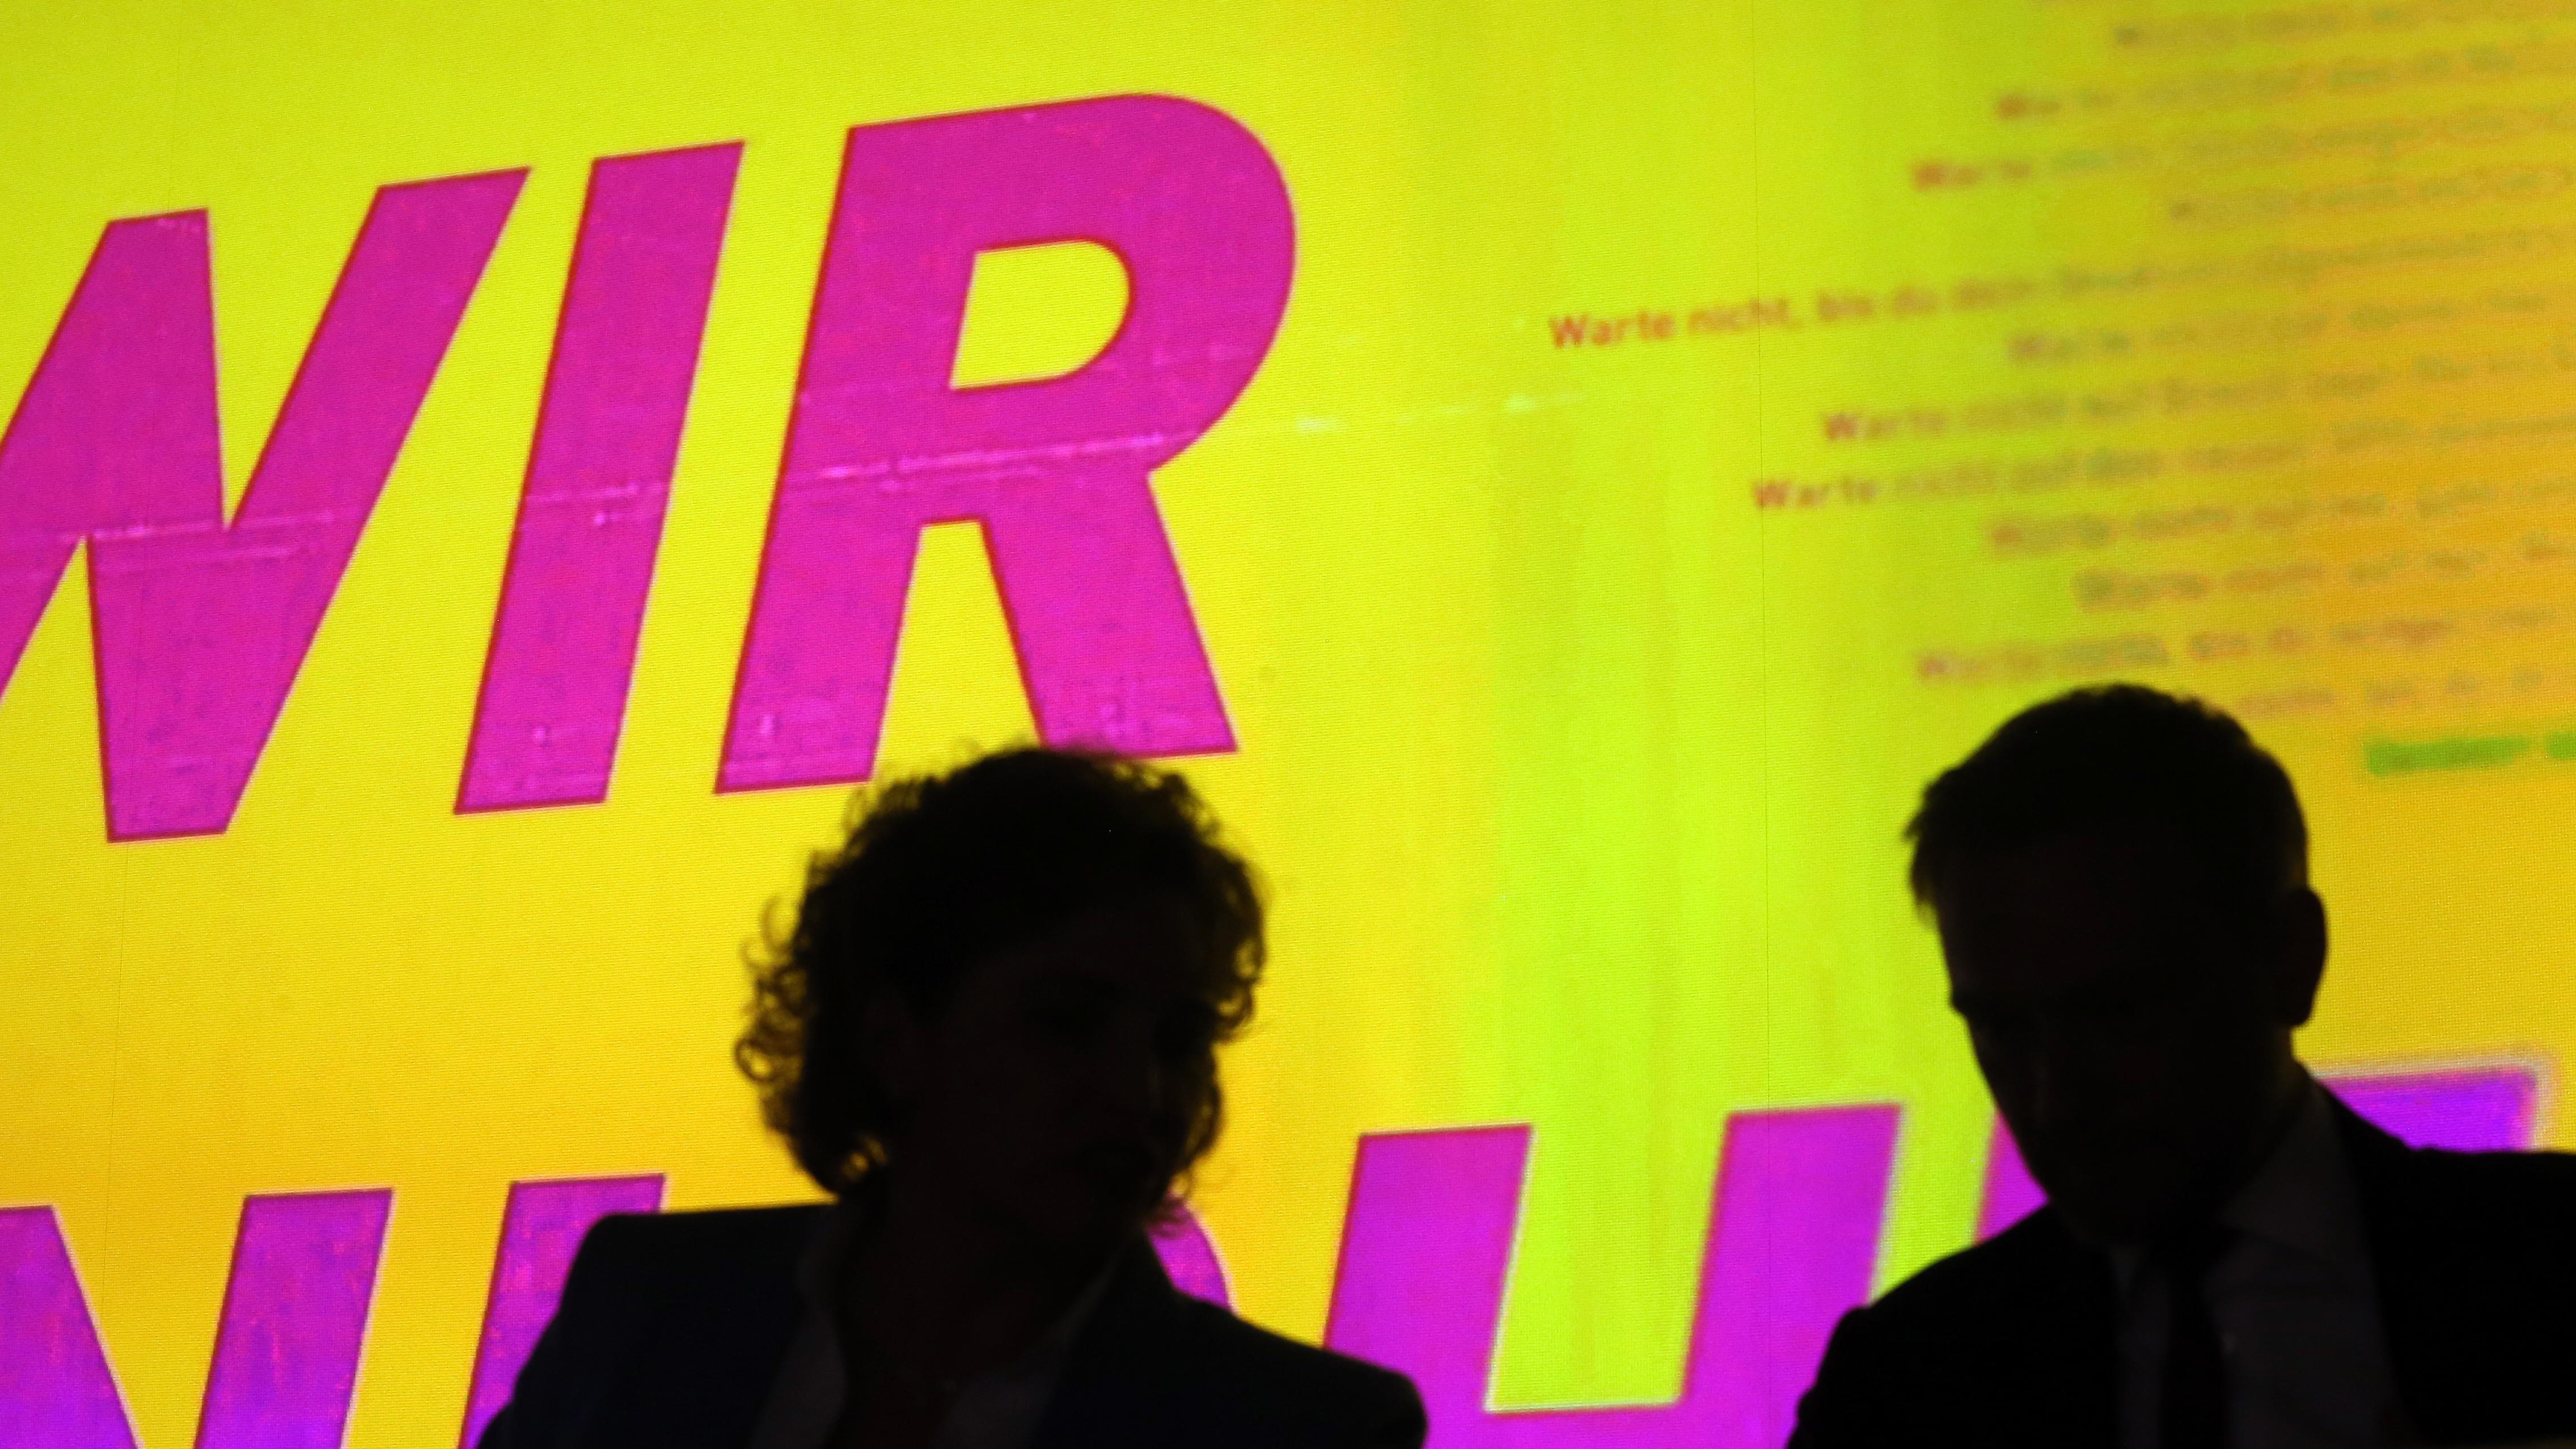 Archivbild: FDP Parteitag 2018